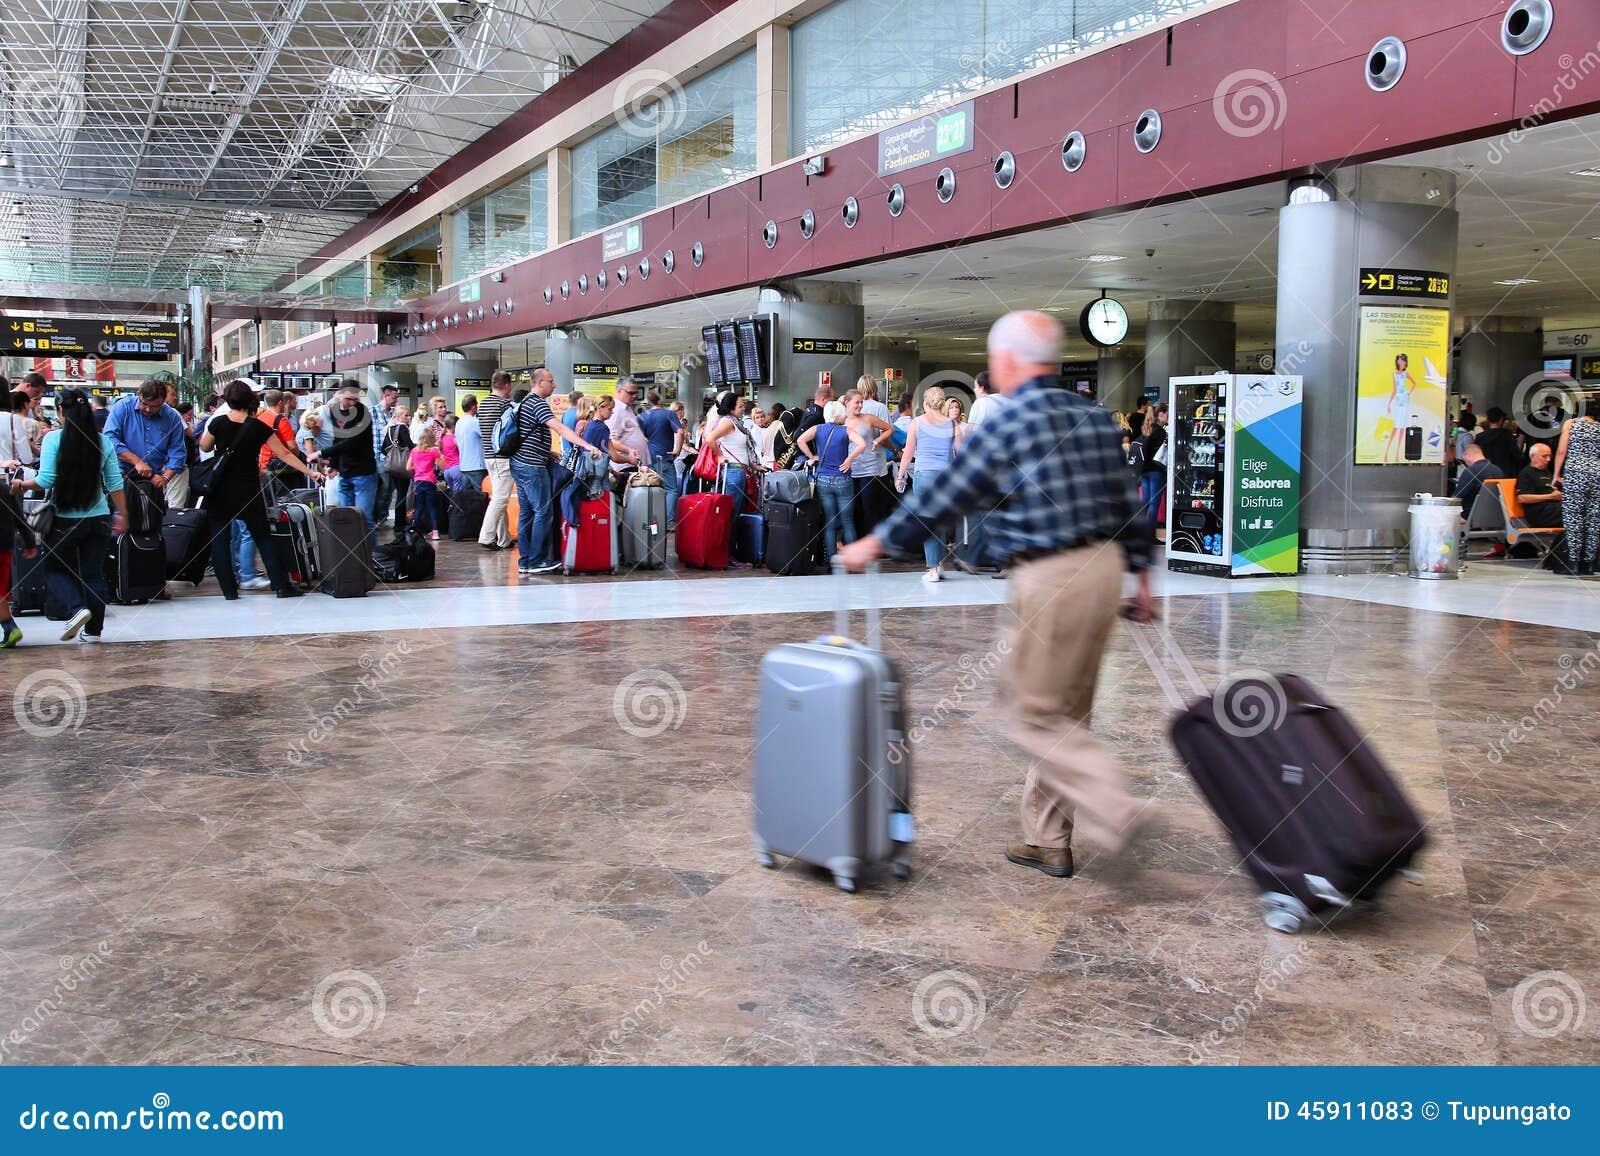 Aeroporto Tenerife Sud : Interno dellaeroporto di tenerife fotografia stock editoriale